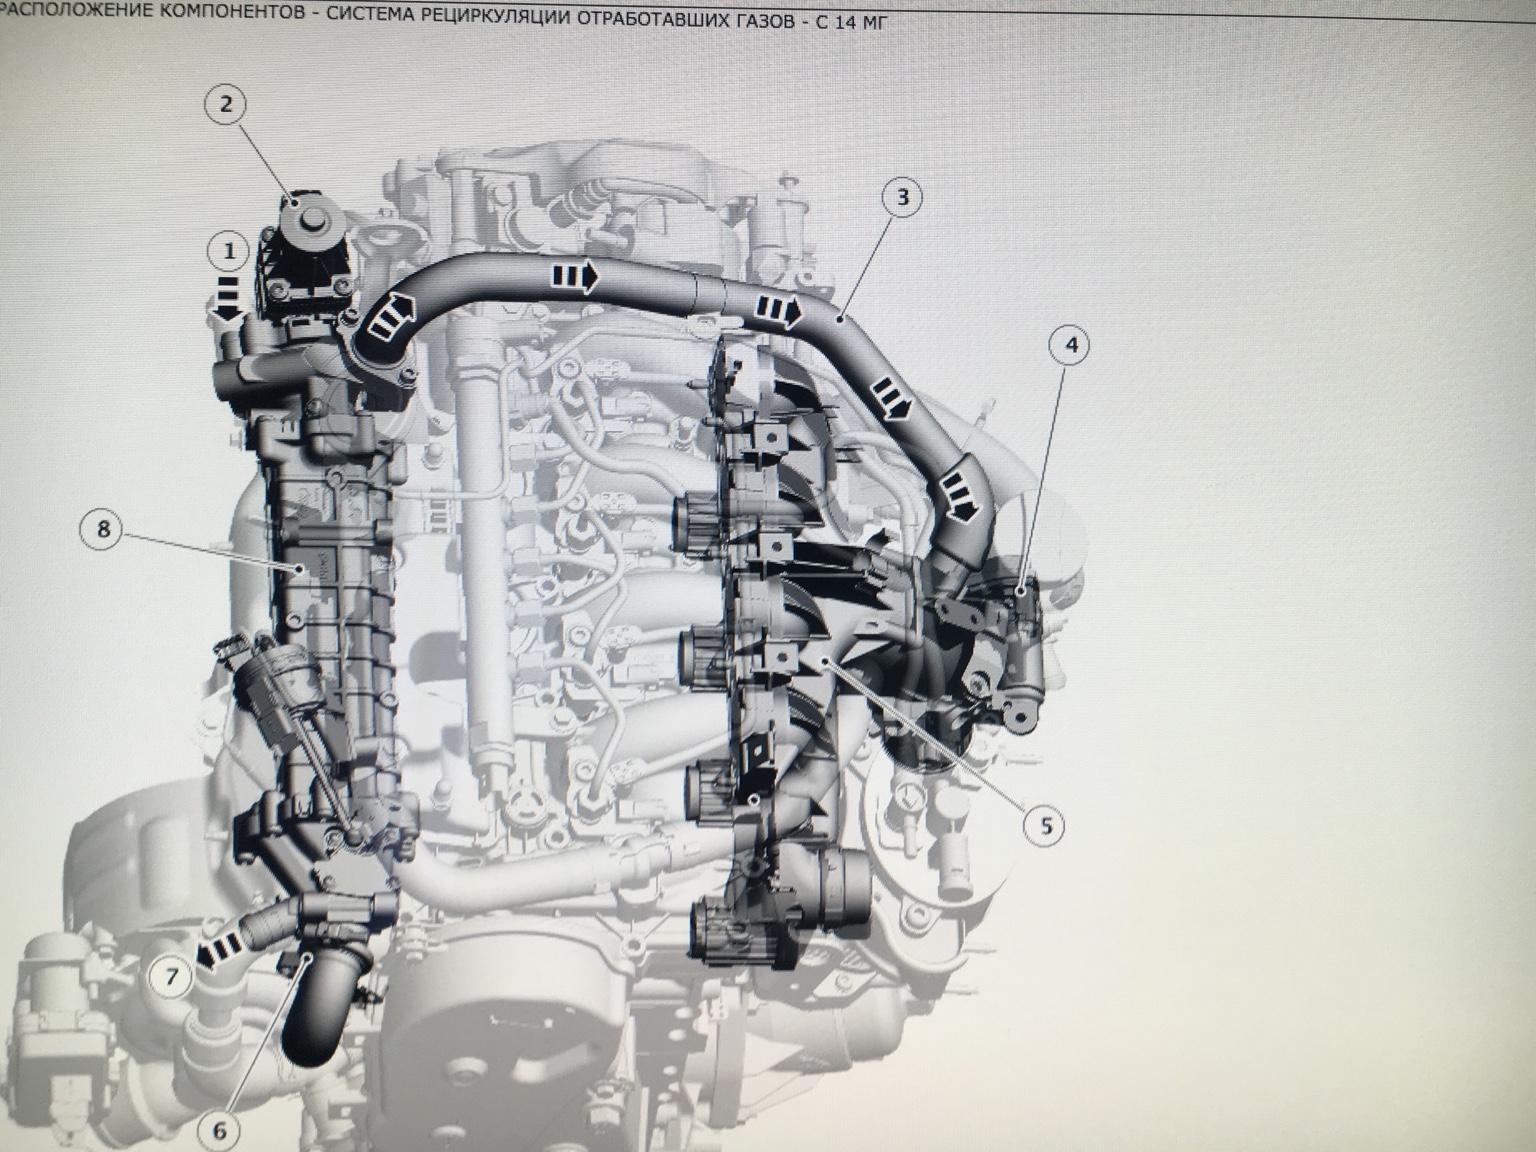 P0405 land rover evoque